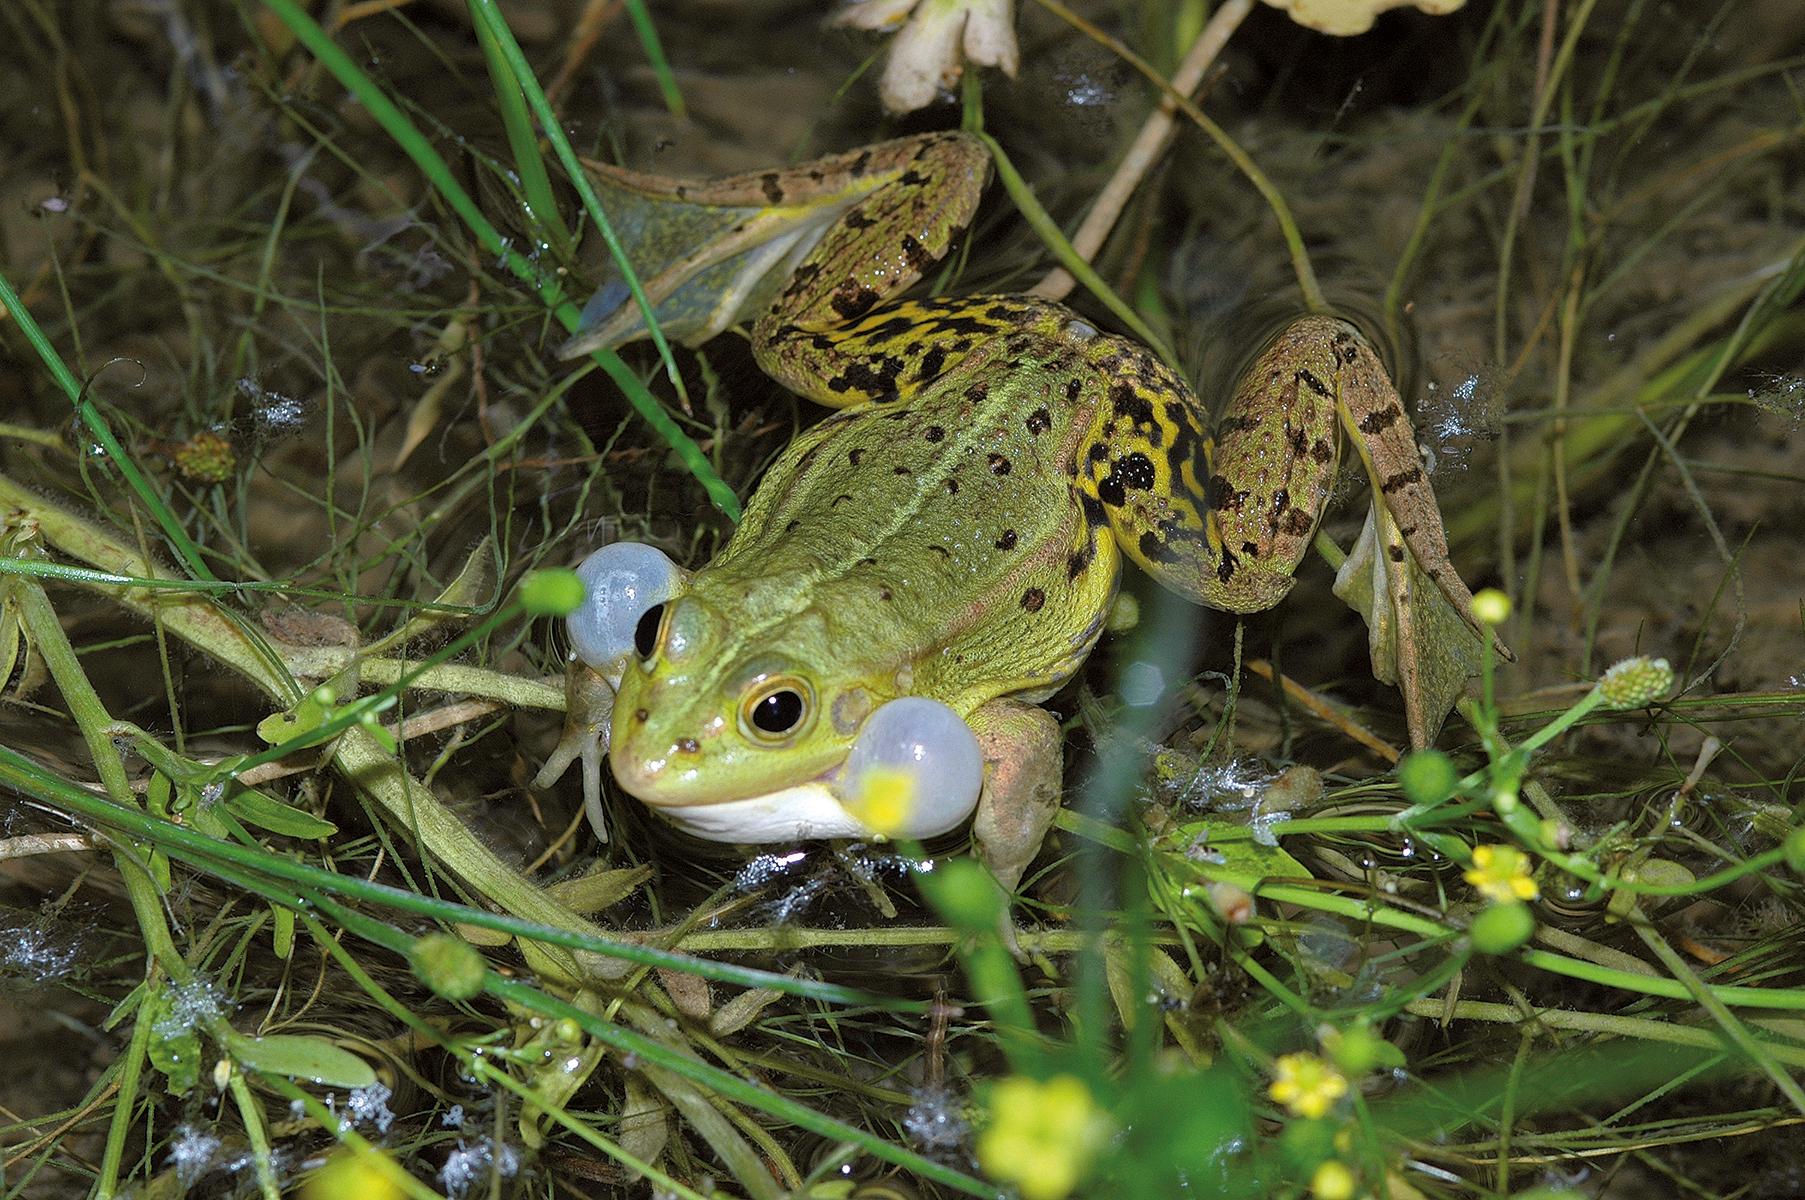 Der Wasserfrosch macht sich in vielen Tümpeln auch tagsüber durch laute Rufe bemerkbar